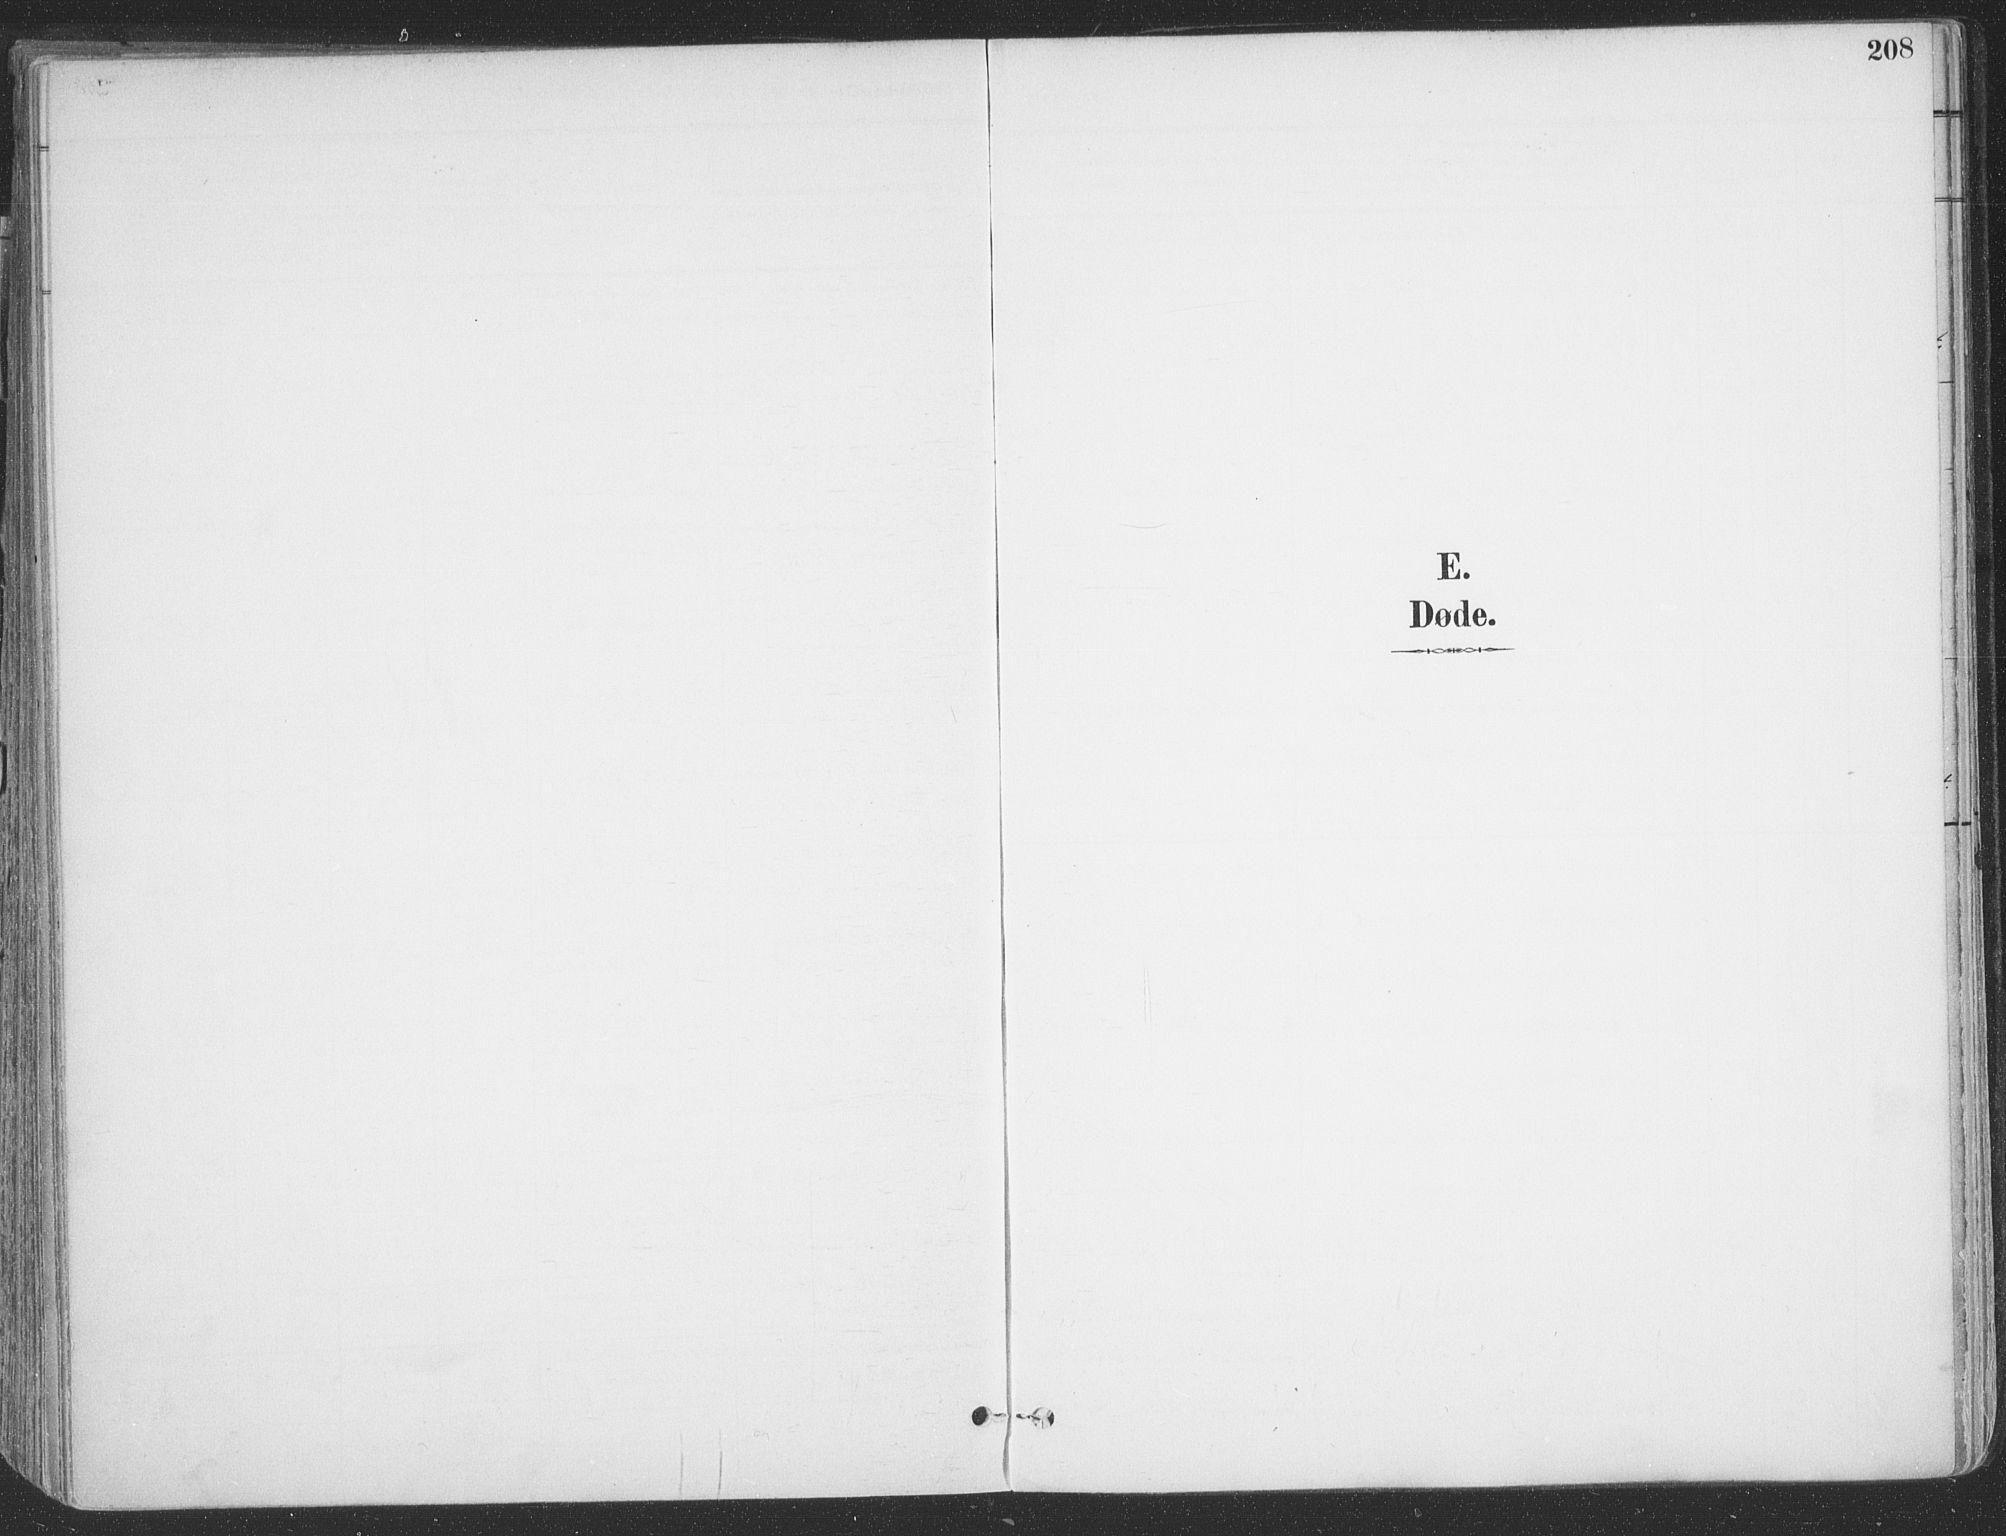 SATØ, Vadsø sokneprestkontor, H/Ha/L0007kirke: Ministerialbok nr. 7, 1896-1916, s. 208